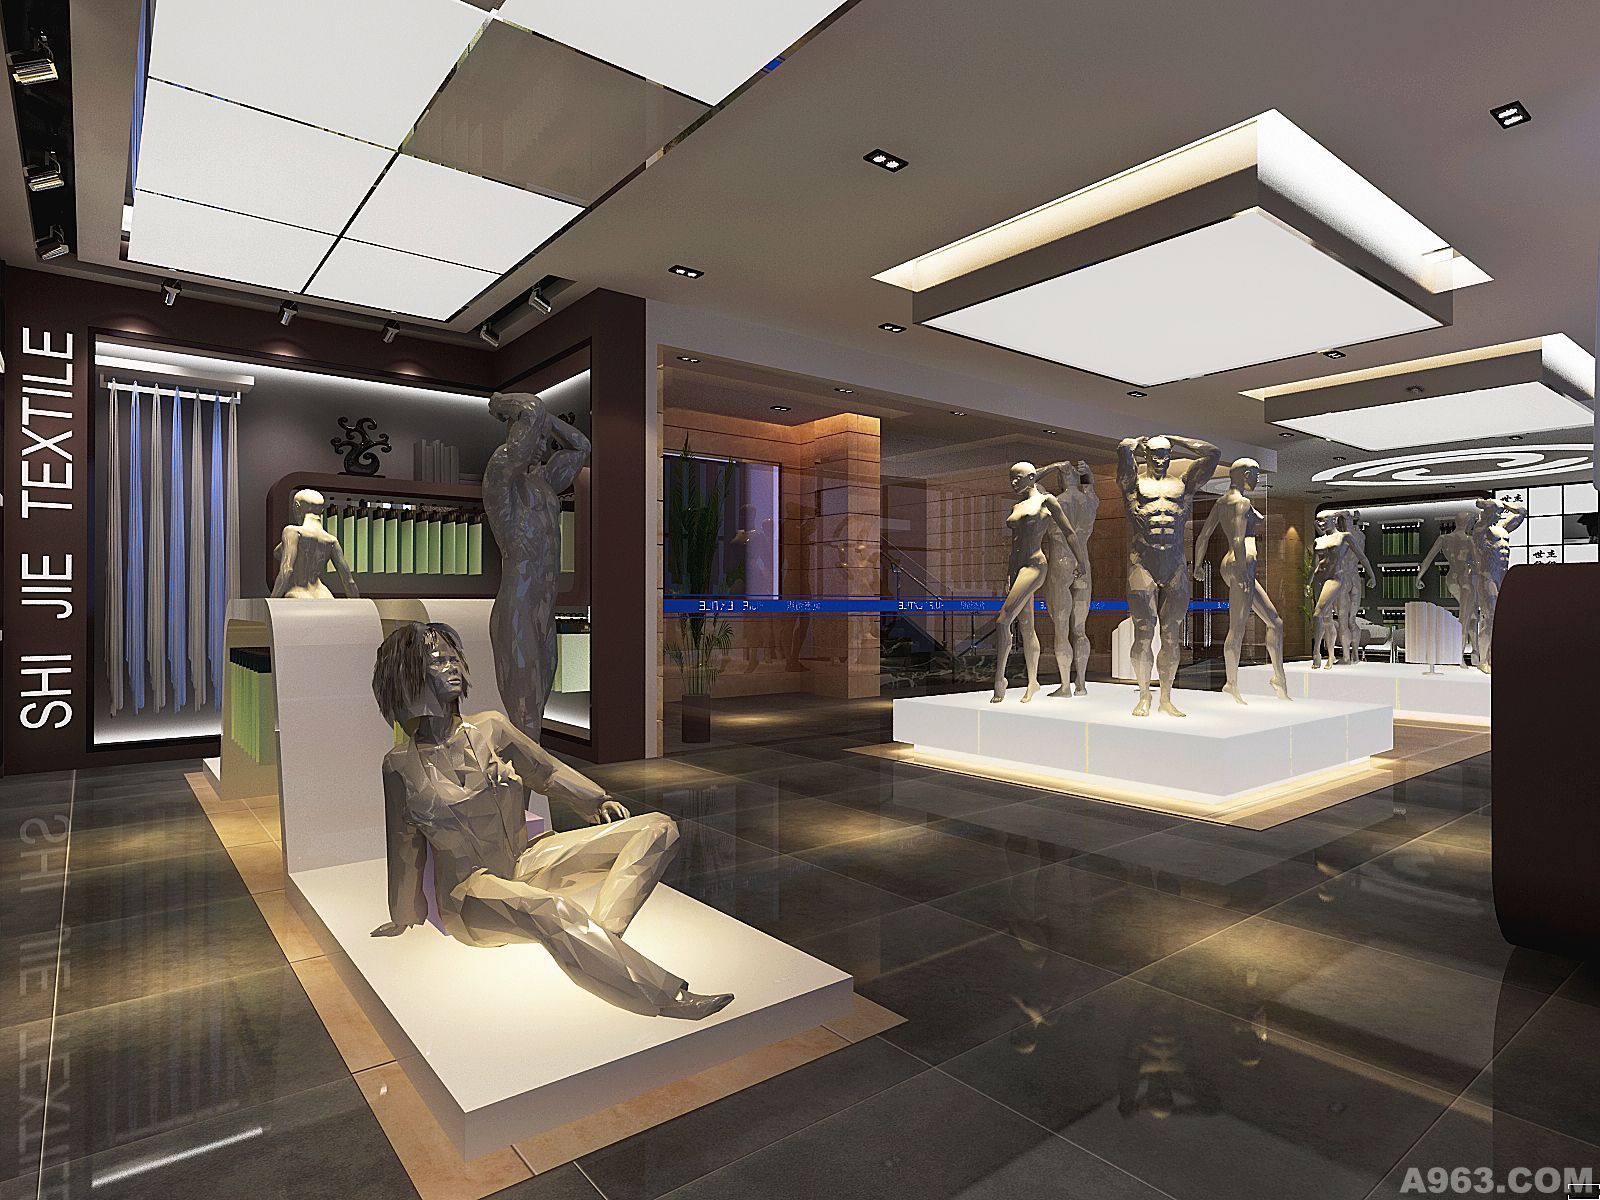 纺织展厅 - 公共空间 - 苏州室内设计网_苏州室内设计